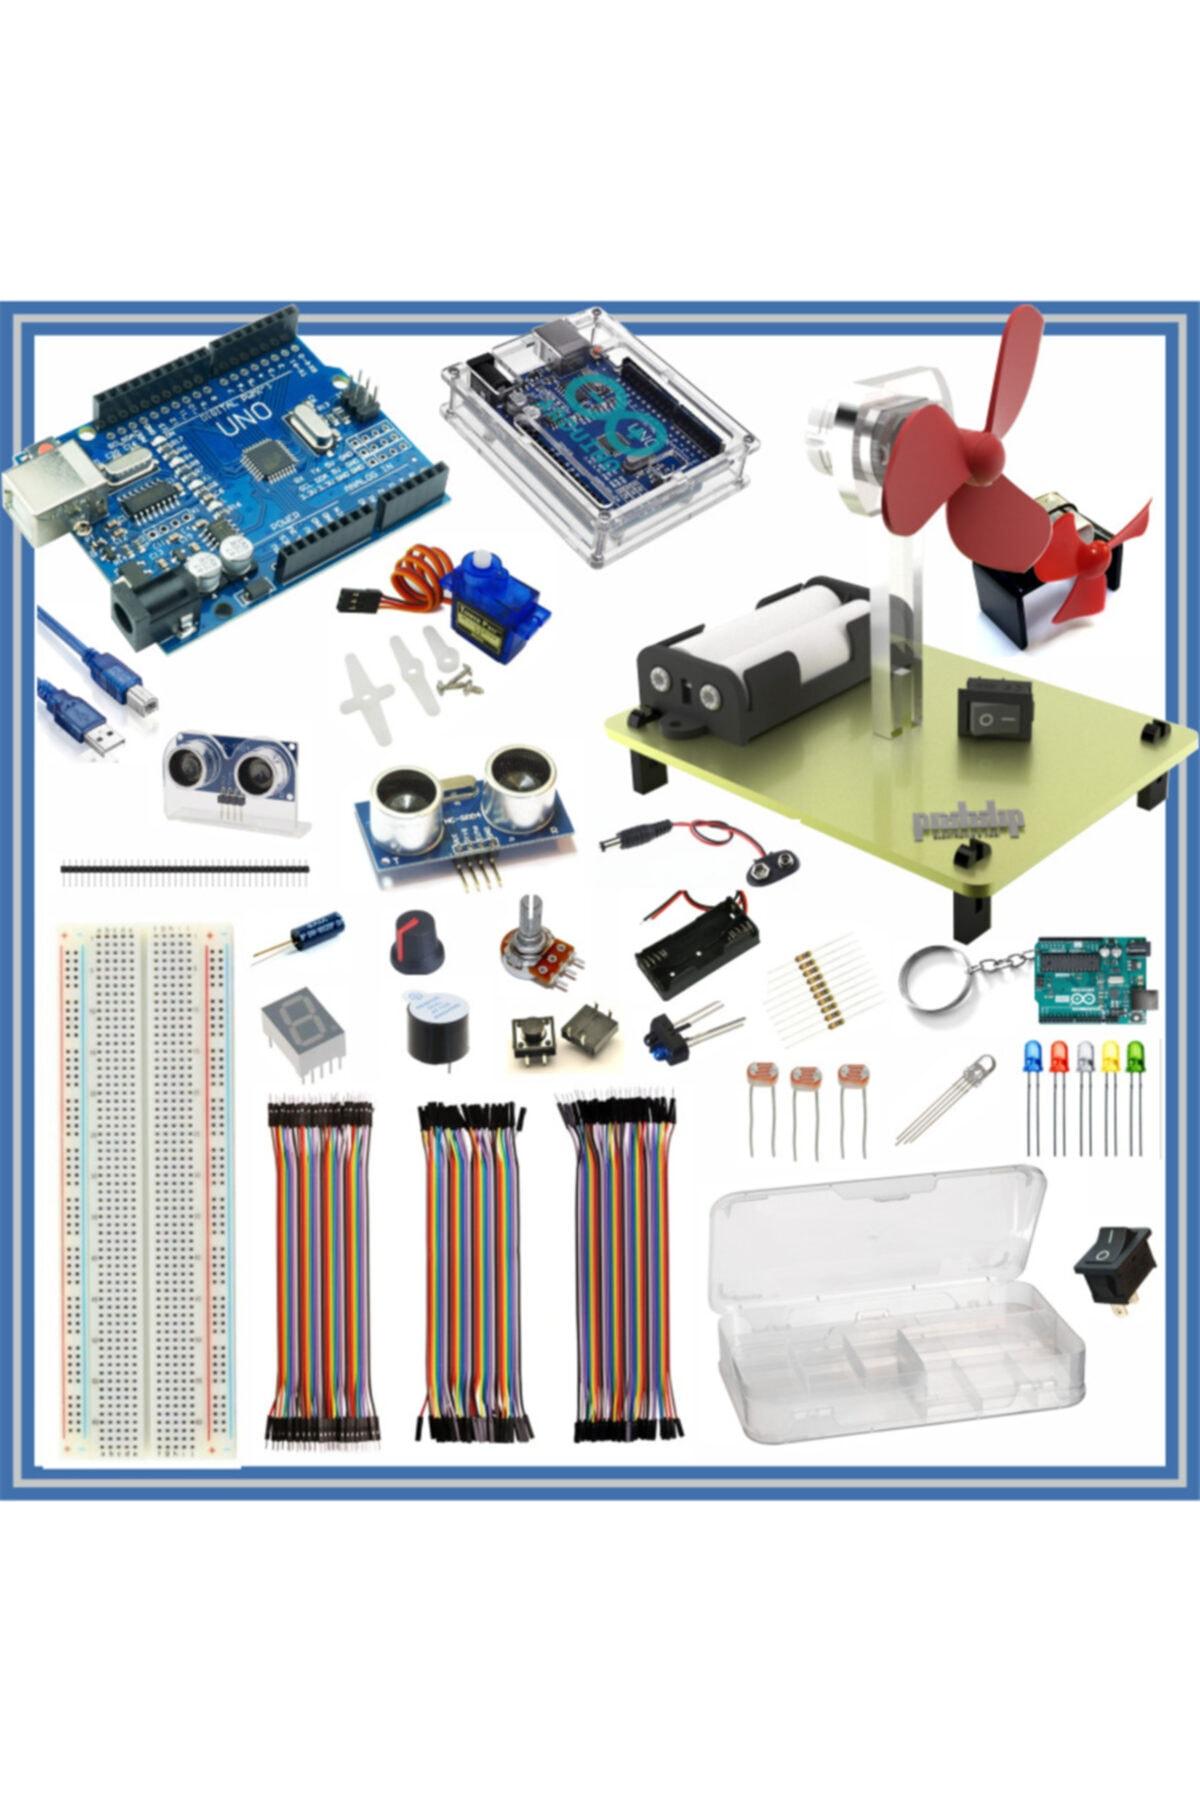 Arduino Başlangıç Seti Uno R3 Kodlamaya Giriş 38 Parça 141 Adet -- 1